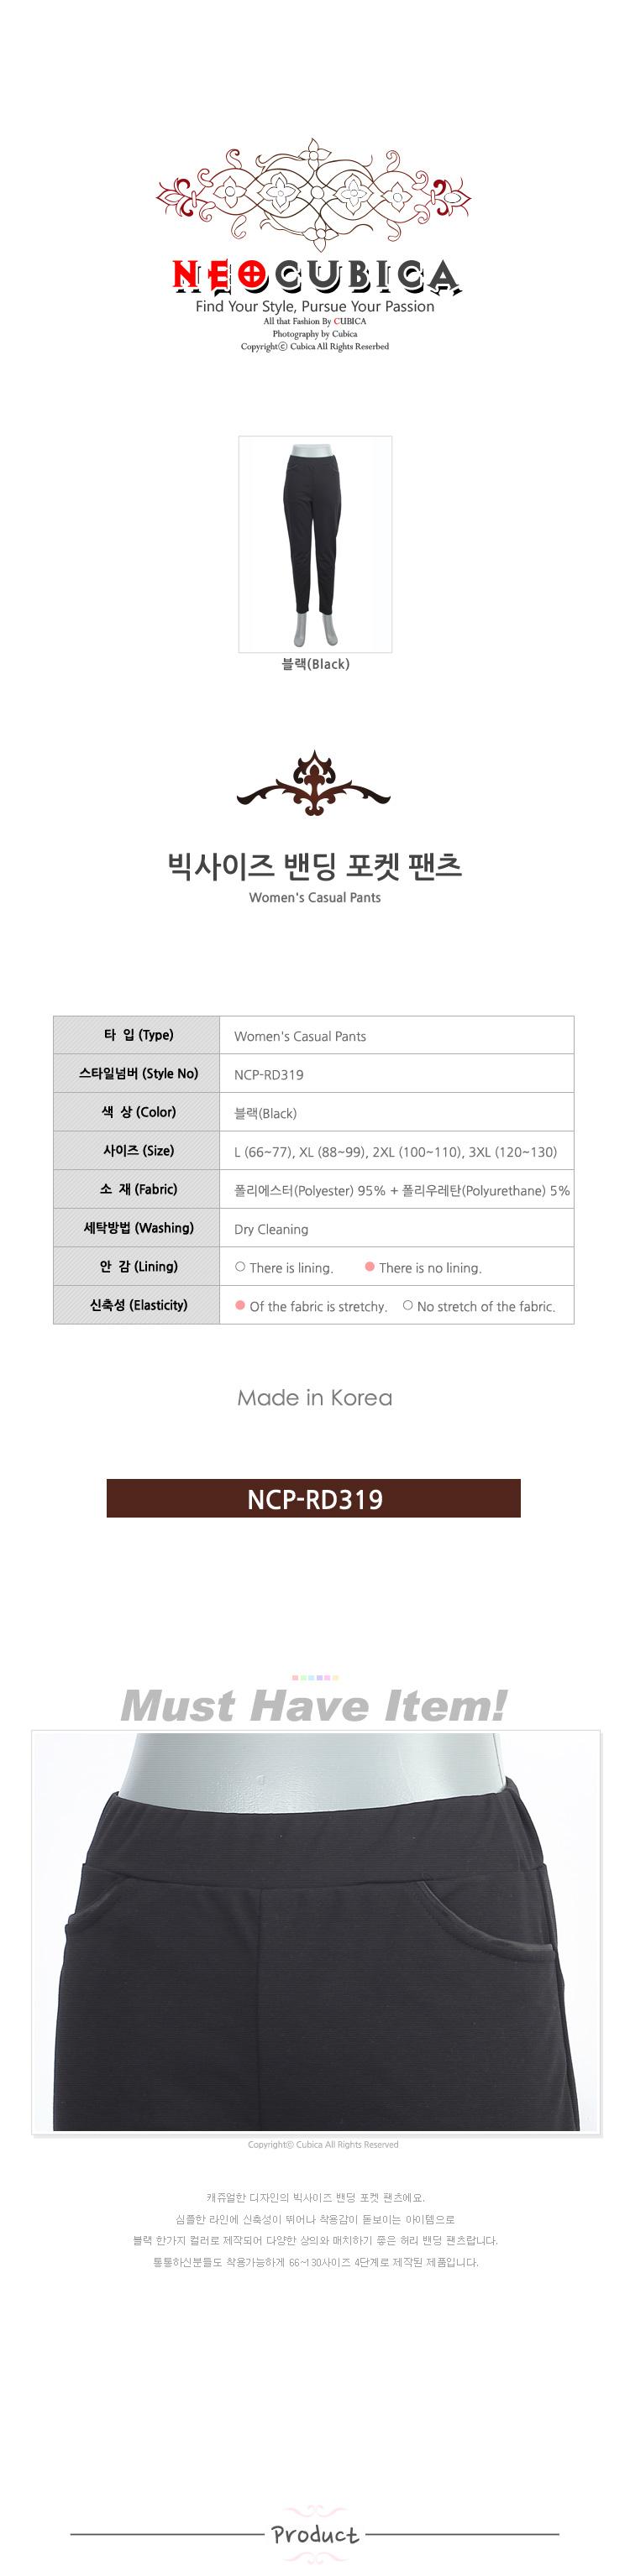 빅사이즈 밴딩 포켓 팬츠 NCP-RD319 - 네오쿠비카, 27,800원, 긴바지, 면